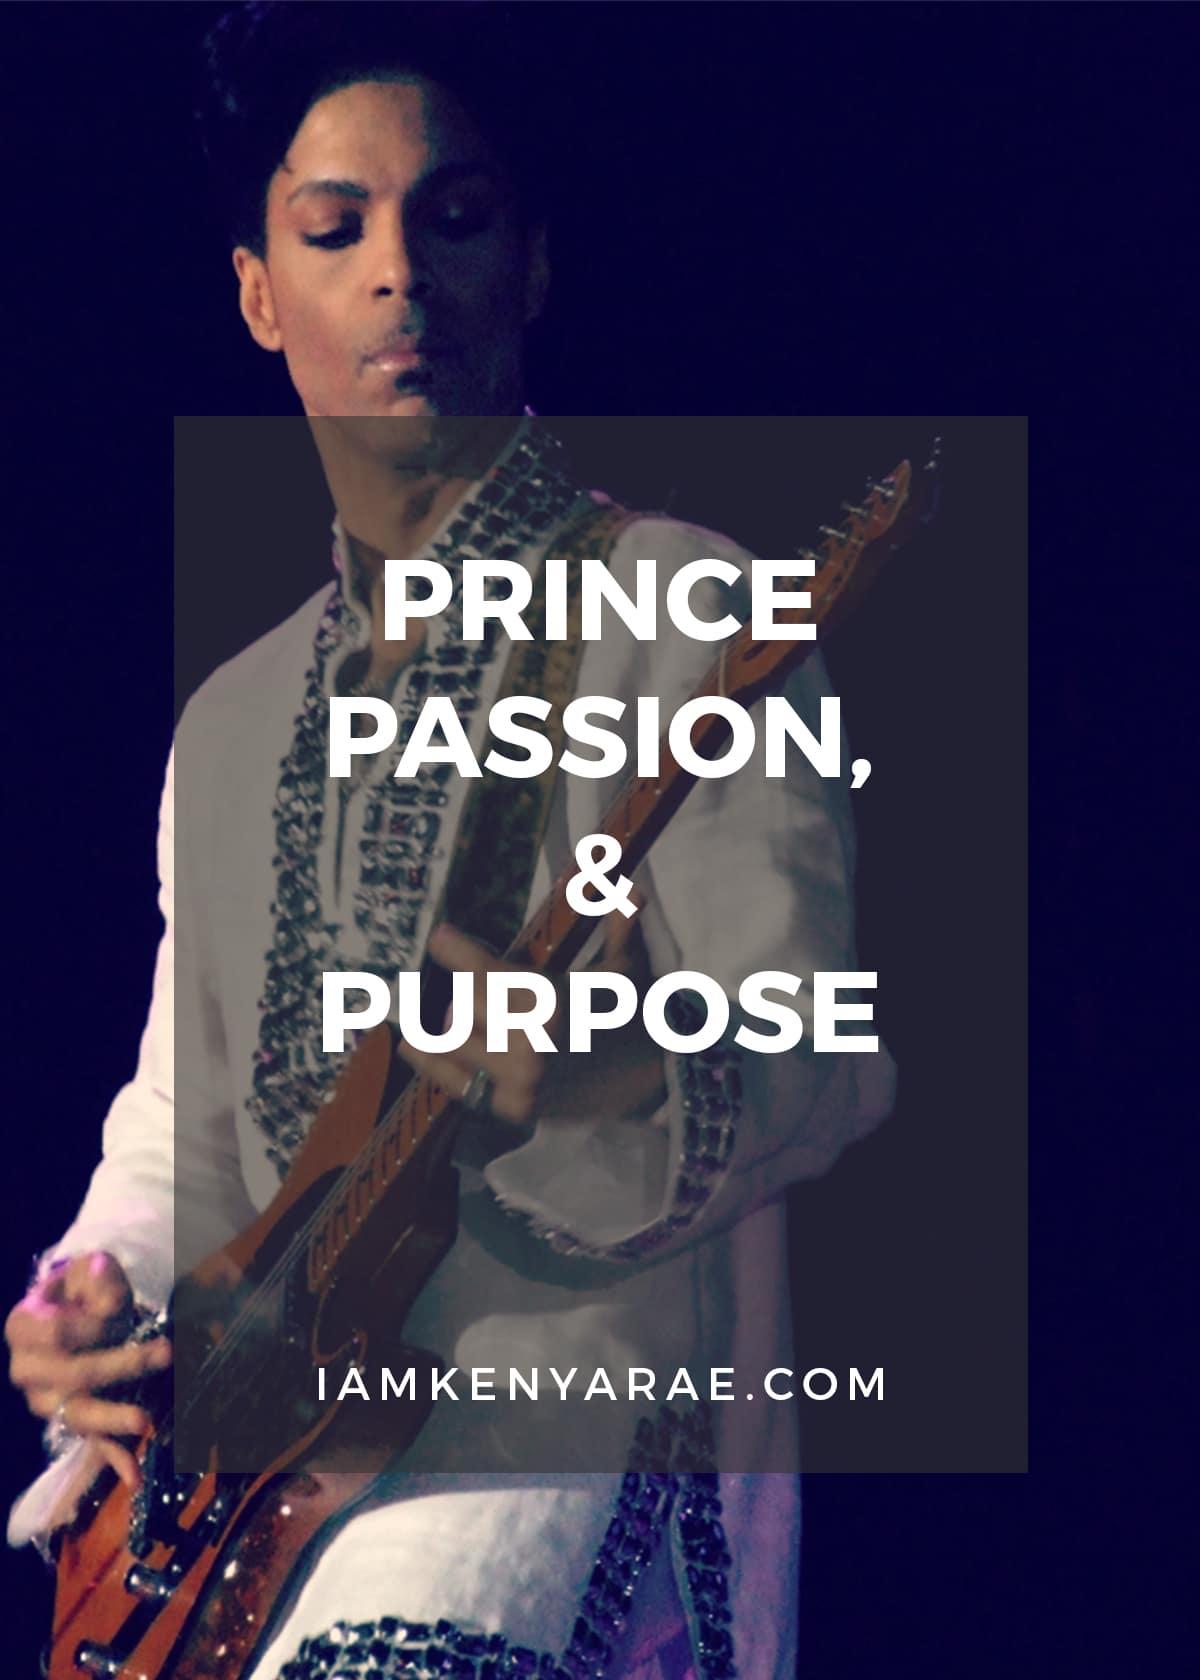 prince passion purpose